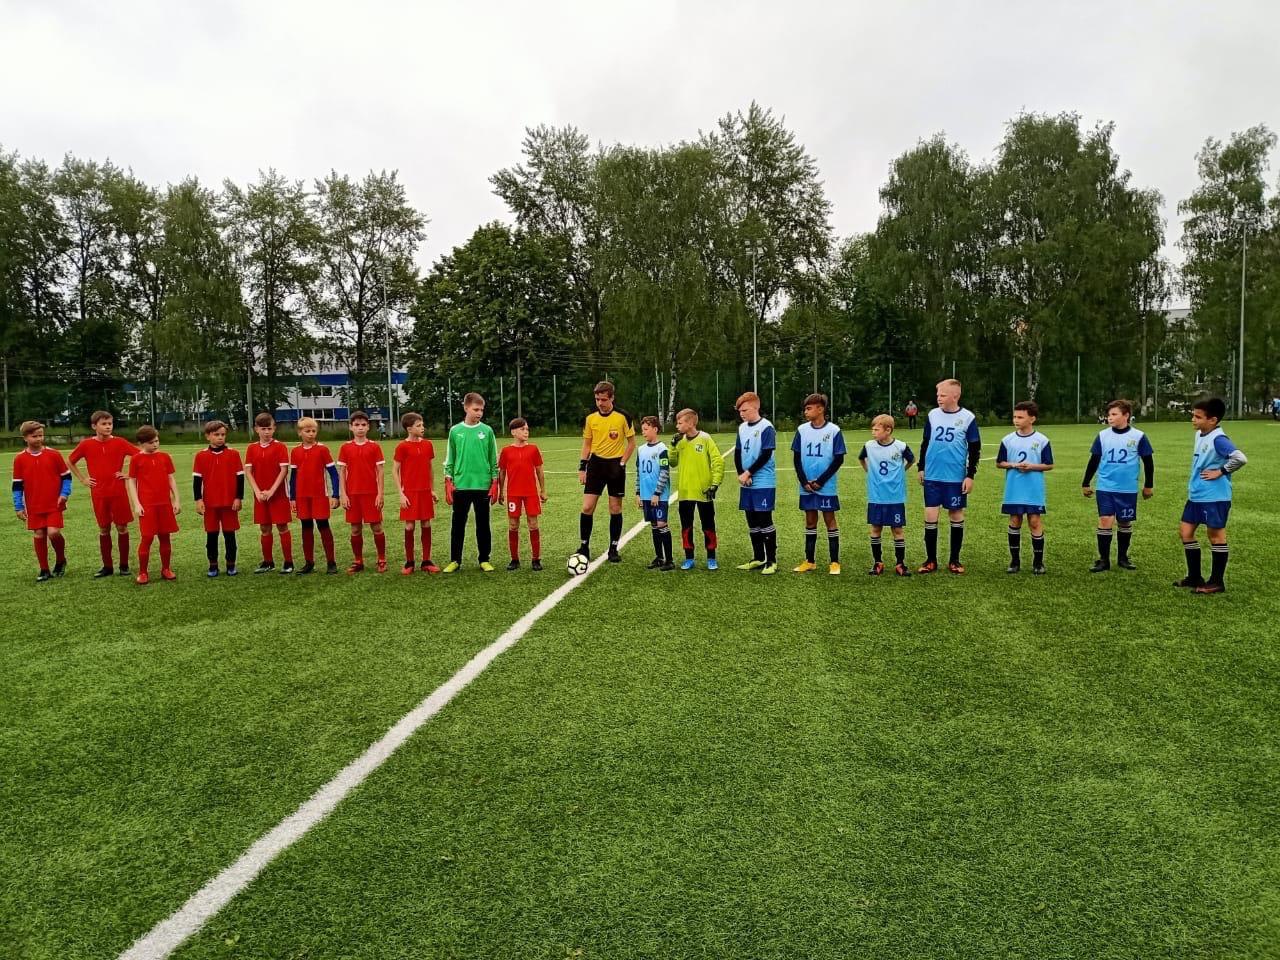 10 июня на Стадионе им.А.Гринина состоялись игры Первенства Московской области по футболу среди подростковых команд.